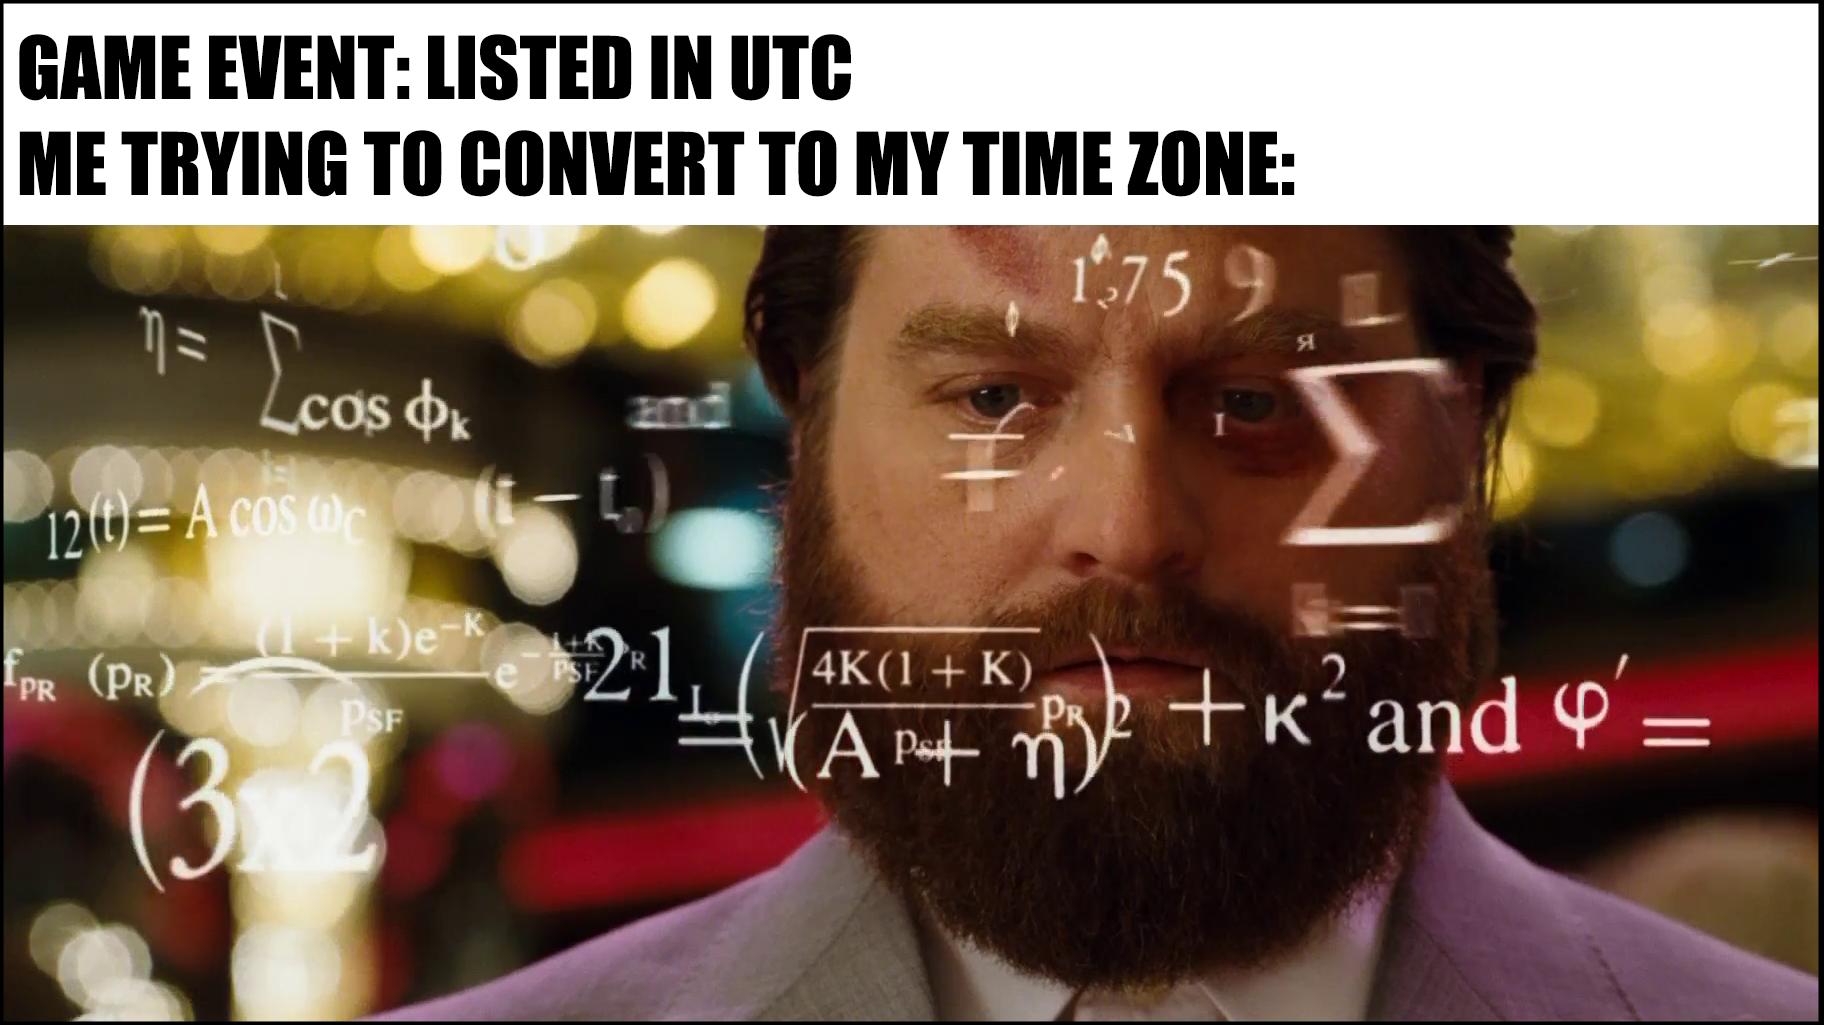 Apresentando o Conversor de Horários UTC BlueStacks: Converta Eventos dentro dos Jogos para o seu fuso horário